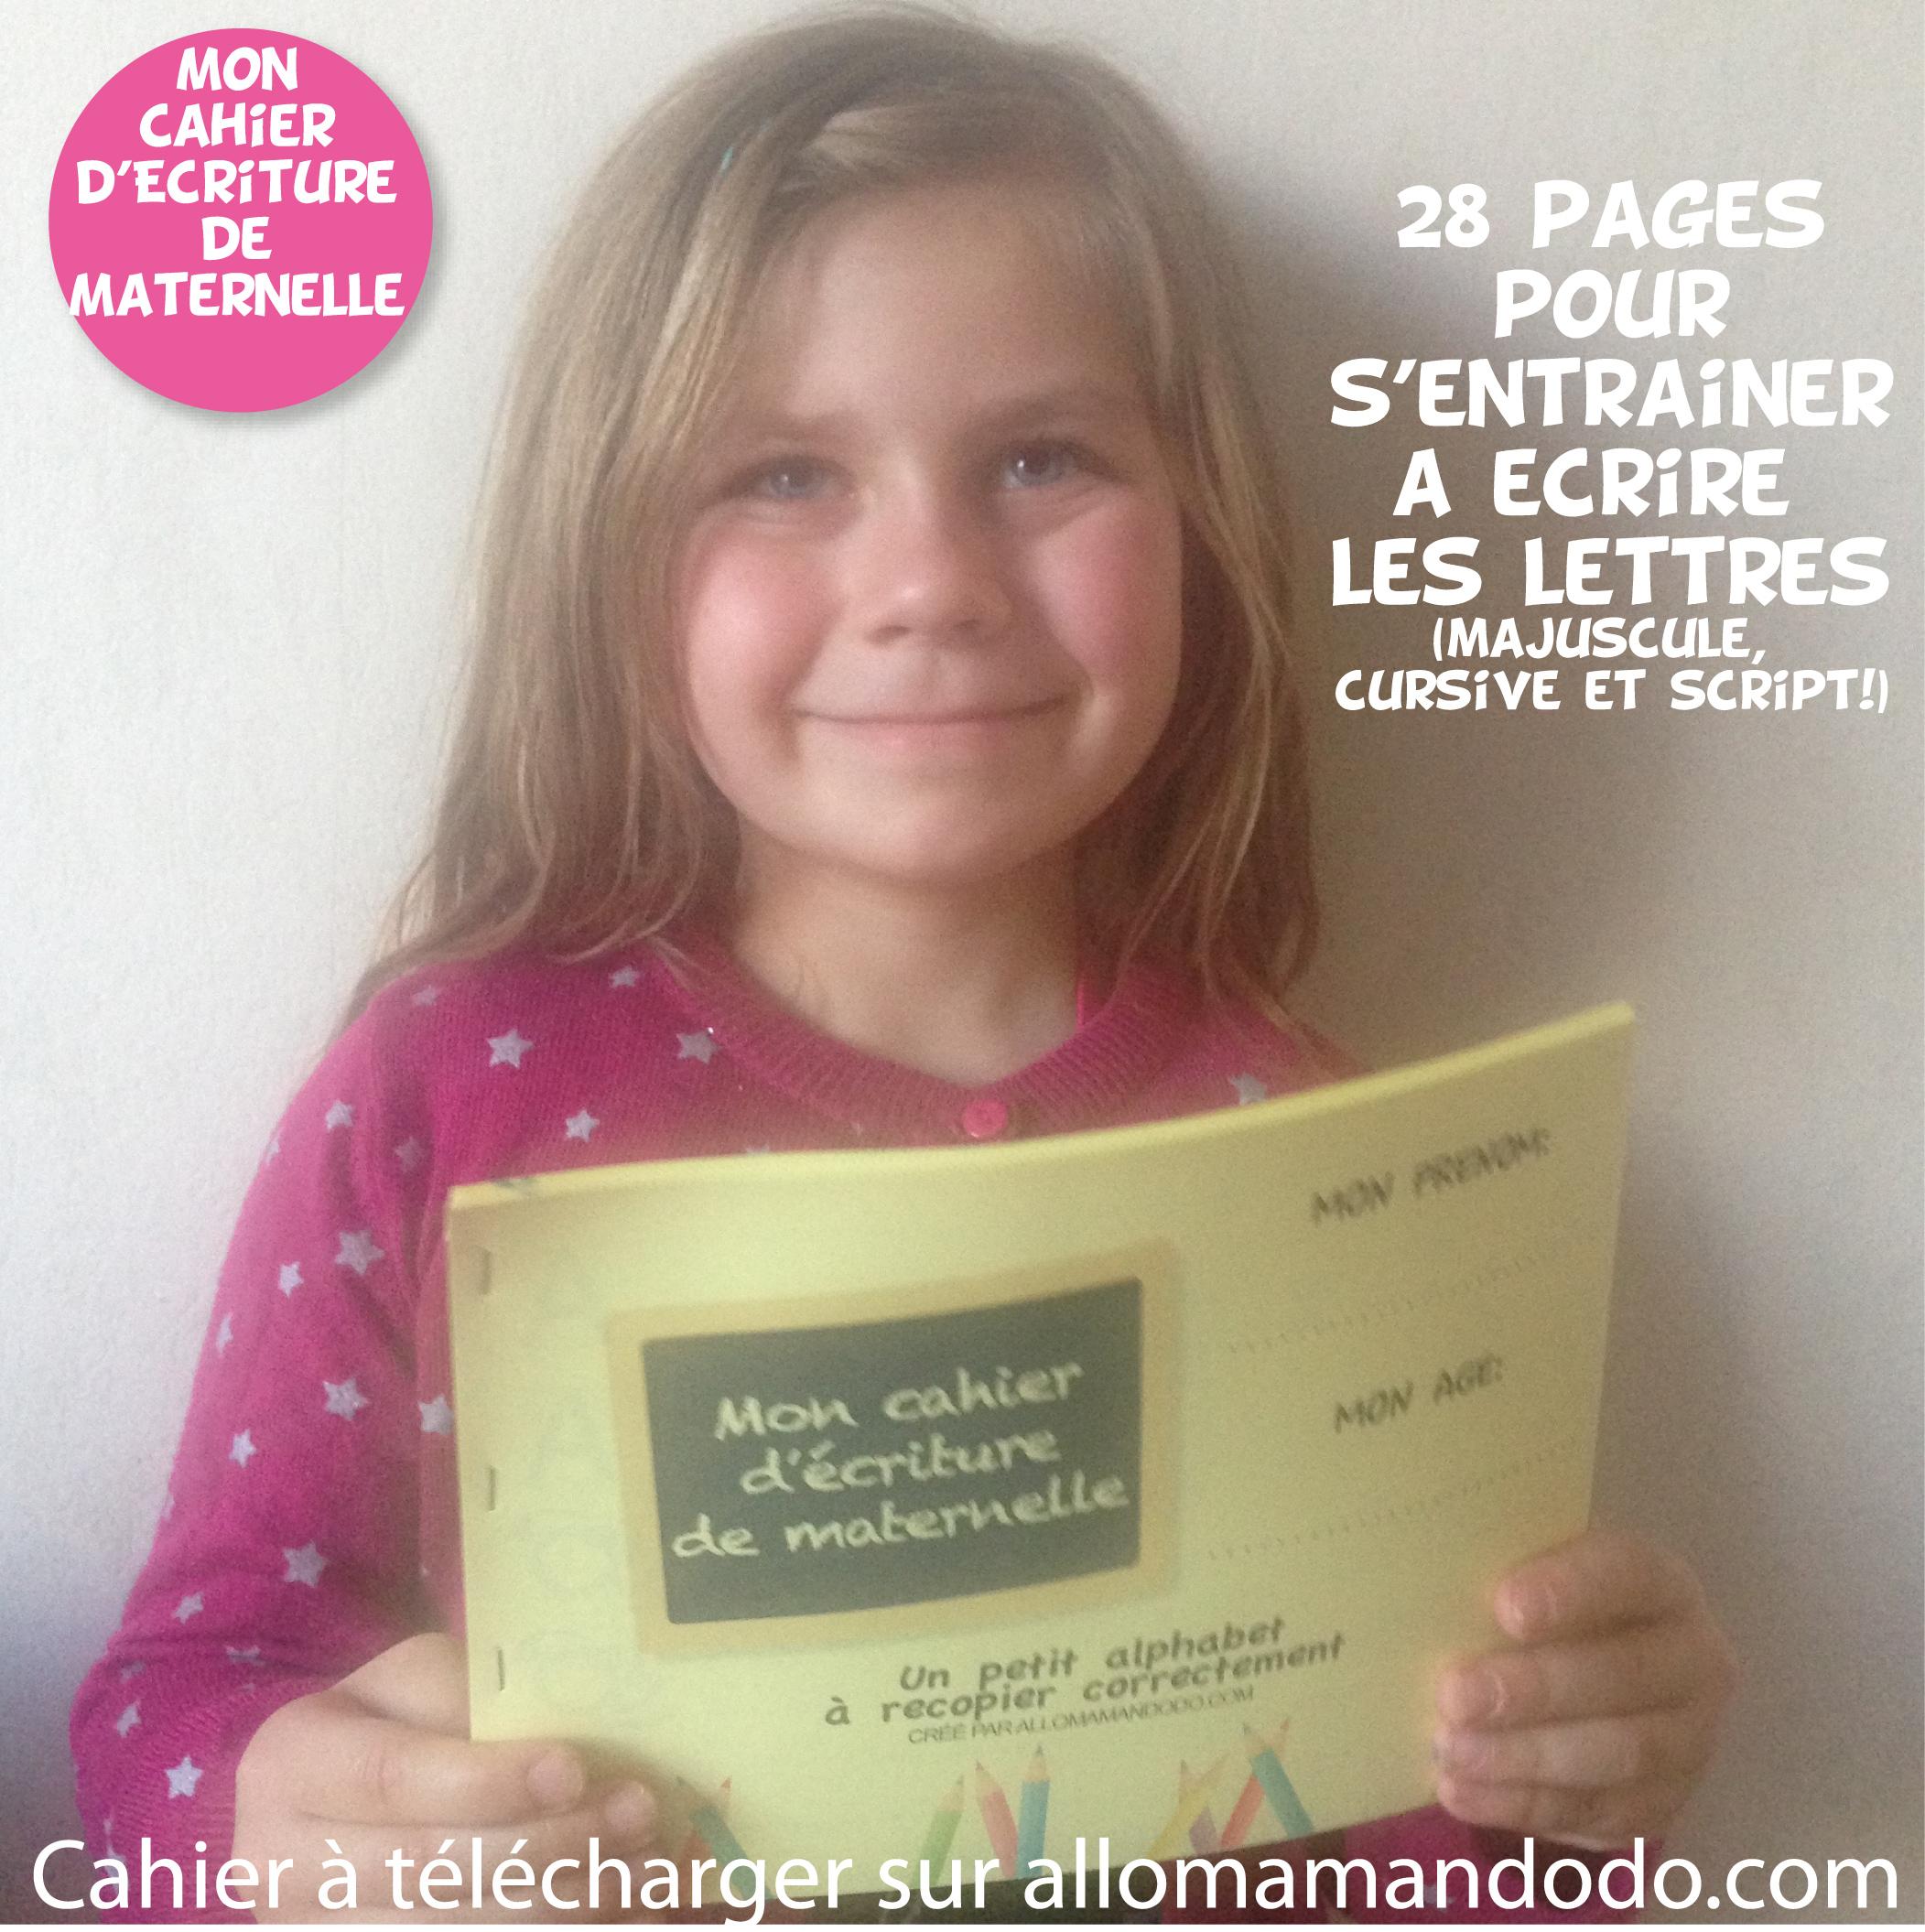 Le Cahier D'écriture De Maternelle À Télécharger ( Gratuit concernant Fiche D Ecriture Pour Maternelle A Imprimer